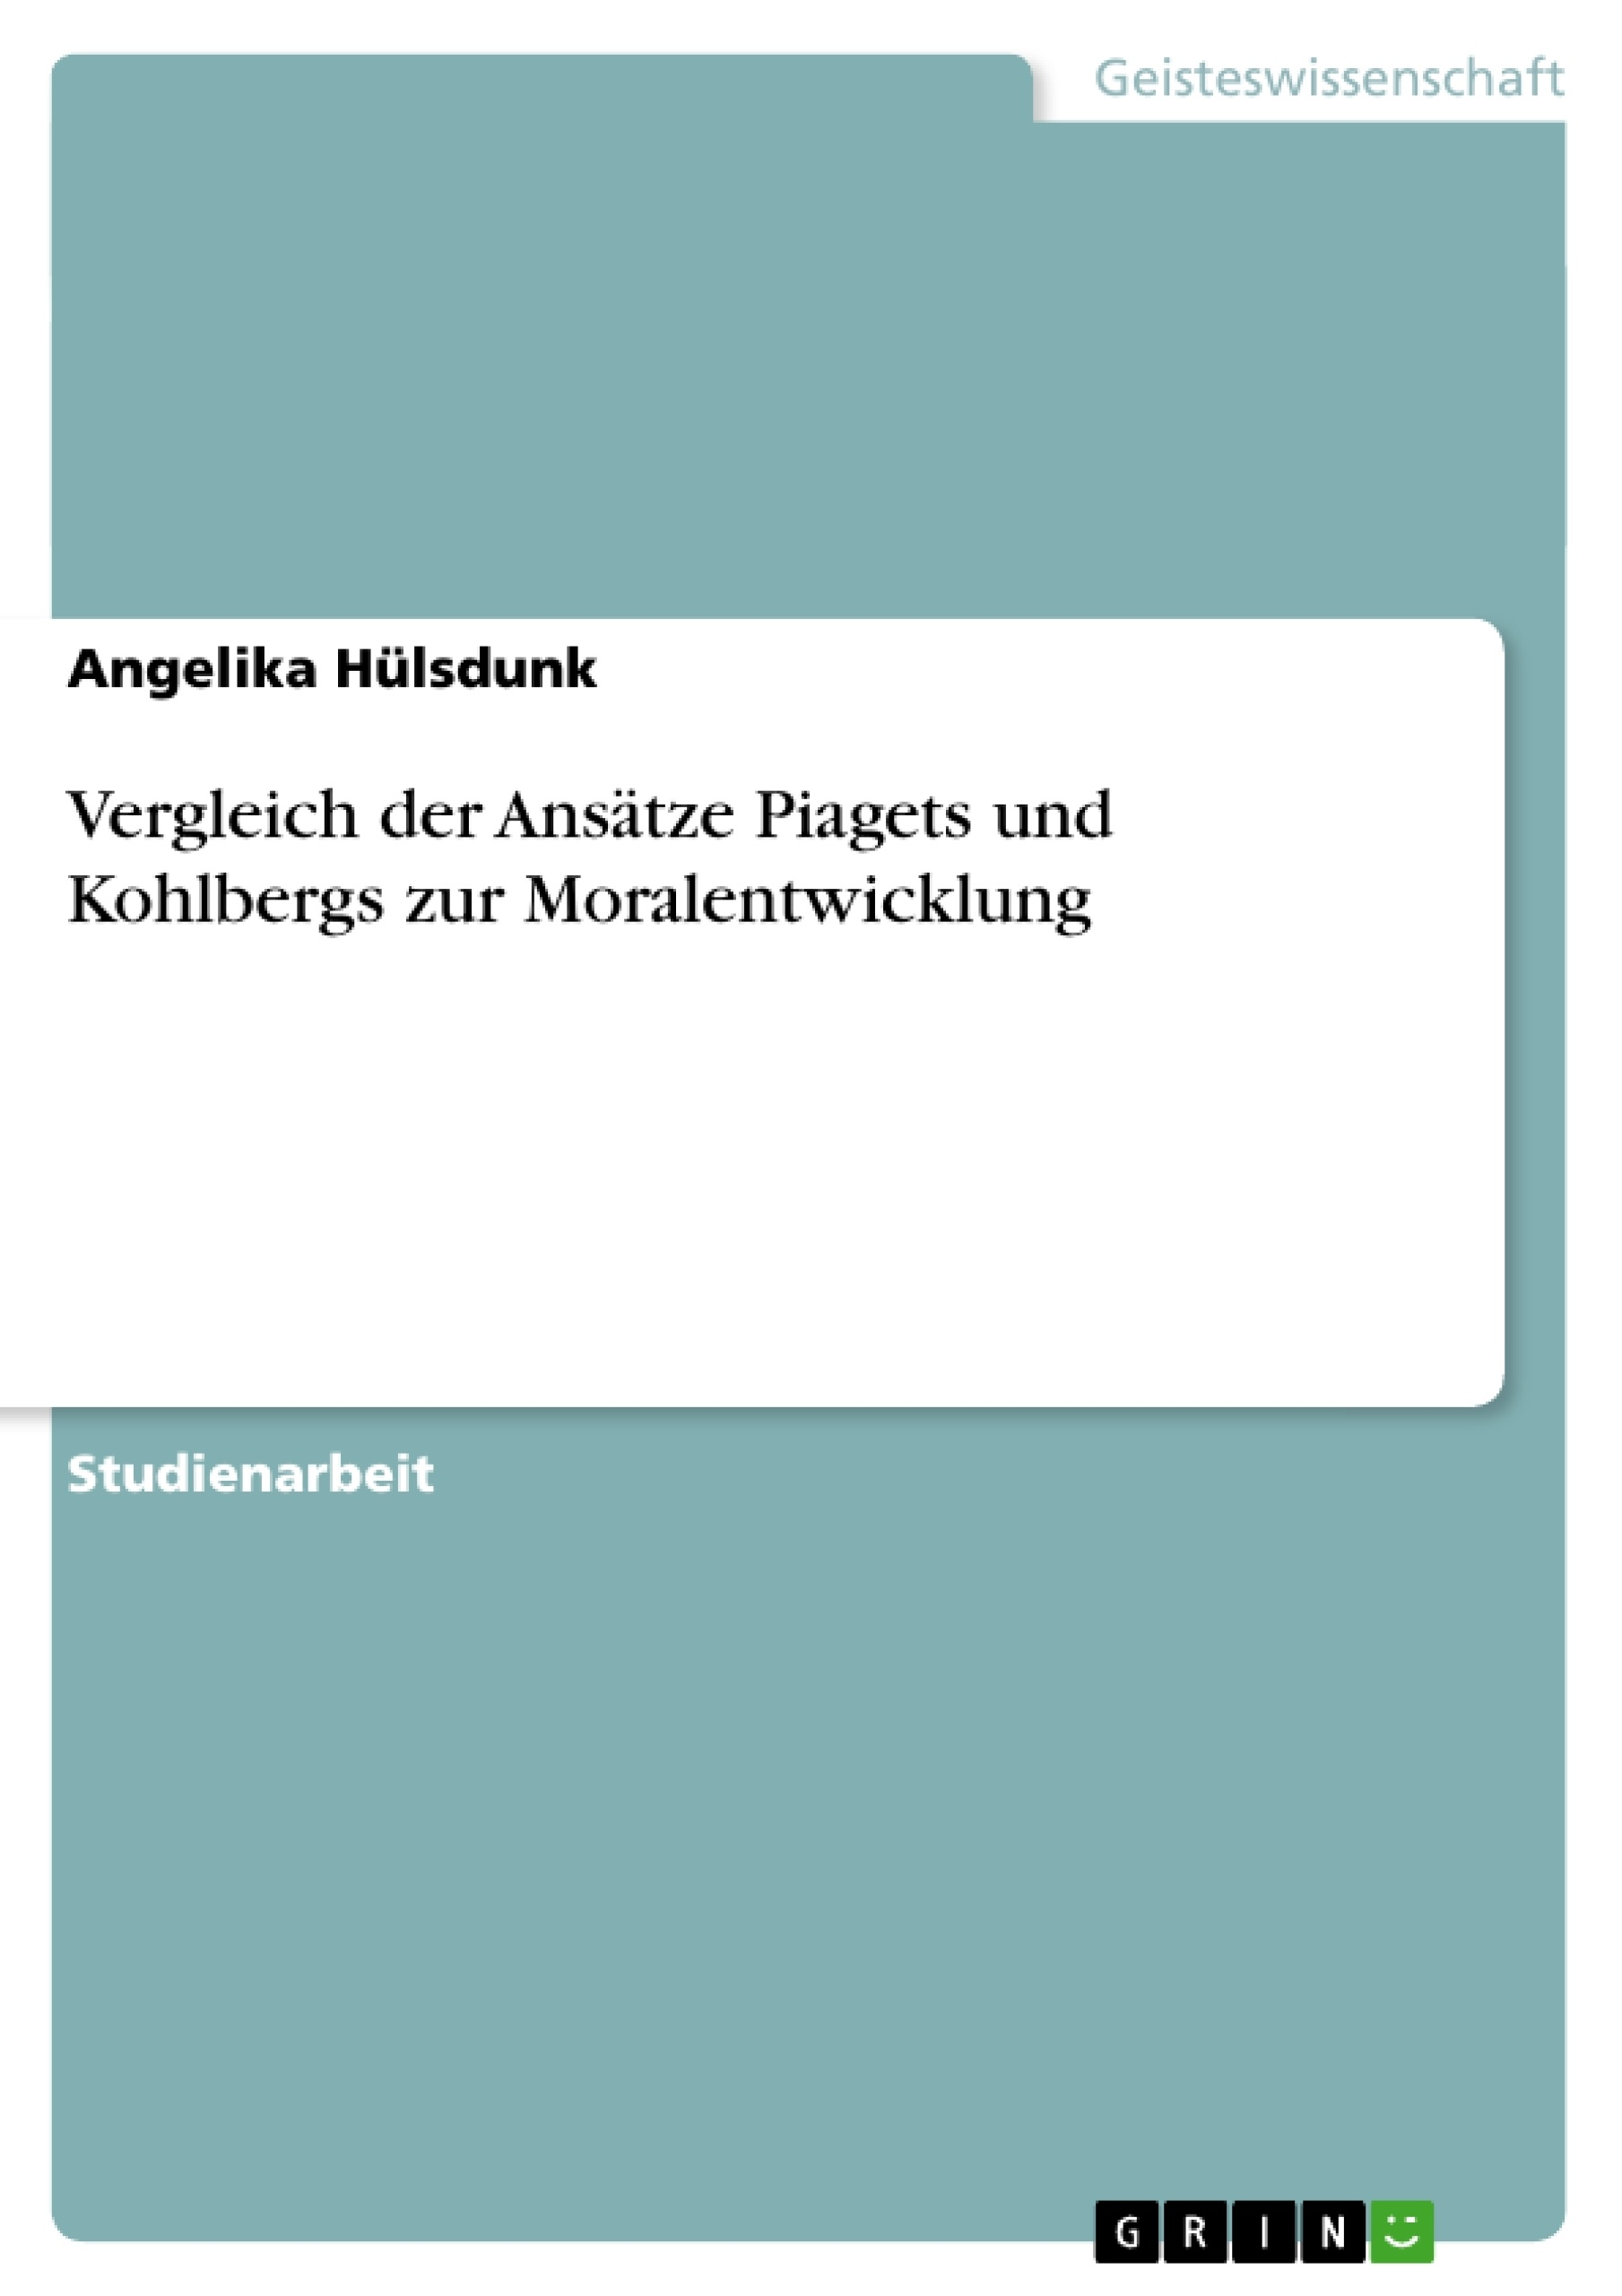 Titel: Vergleich der Ansätze Piagets und Kohlbergs zur Moralentwicklung